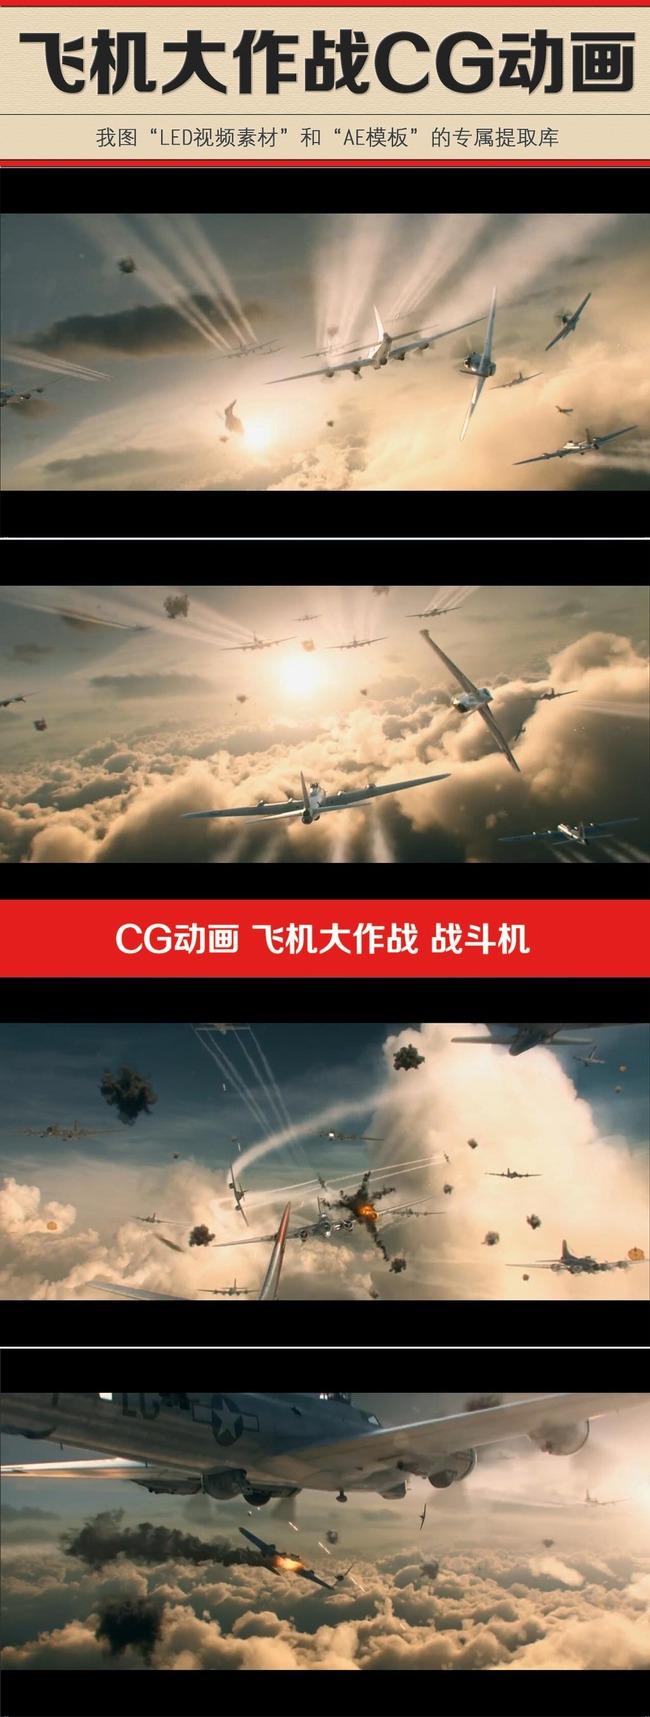 飞机大作战cg动画视频素材